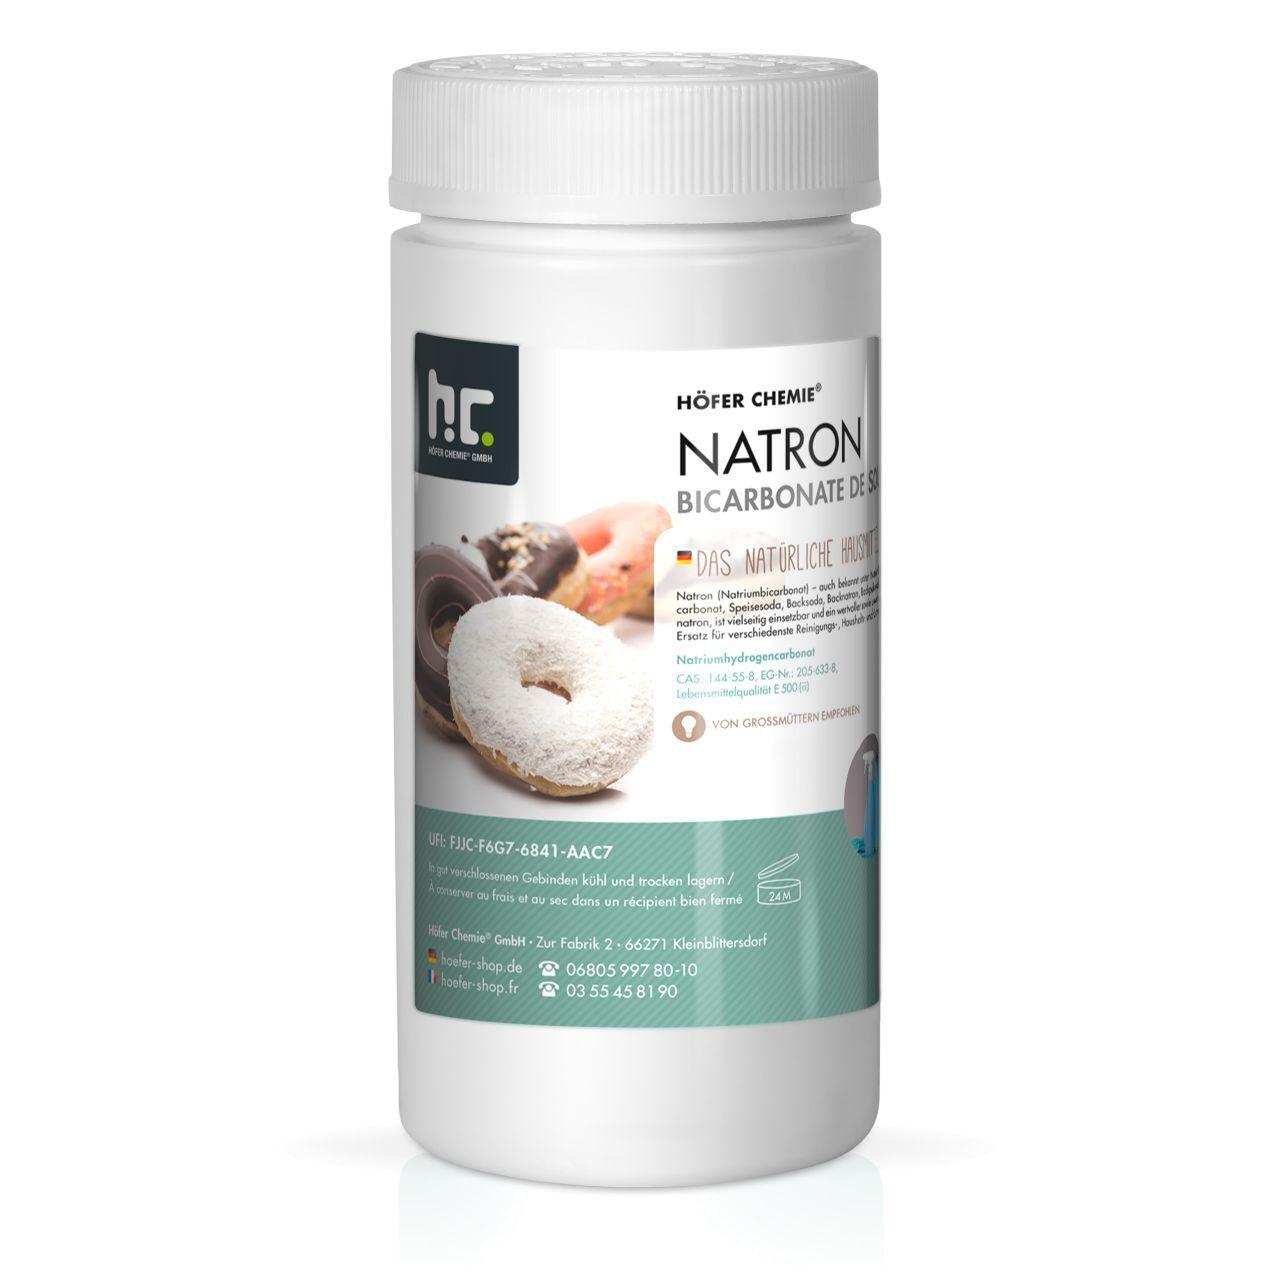 Höfer Chemie 12 kg de bicarbonate de sodium en qualité alimentaire (12 x 1 kg)